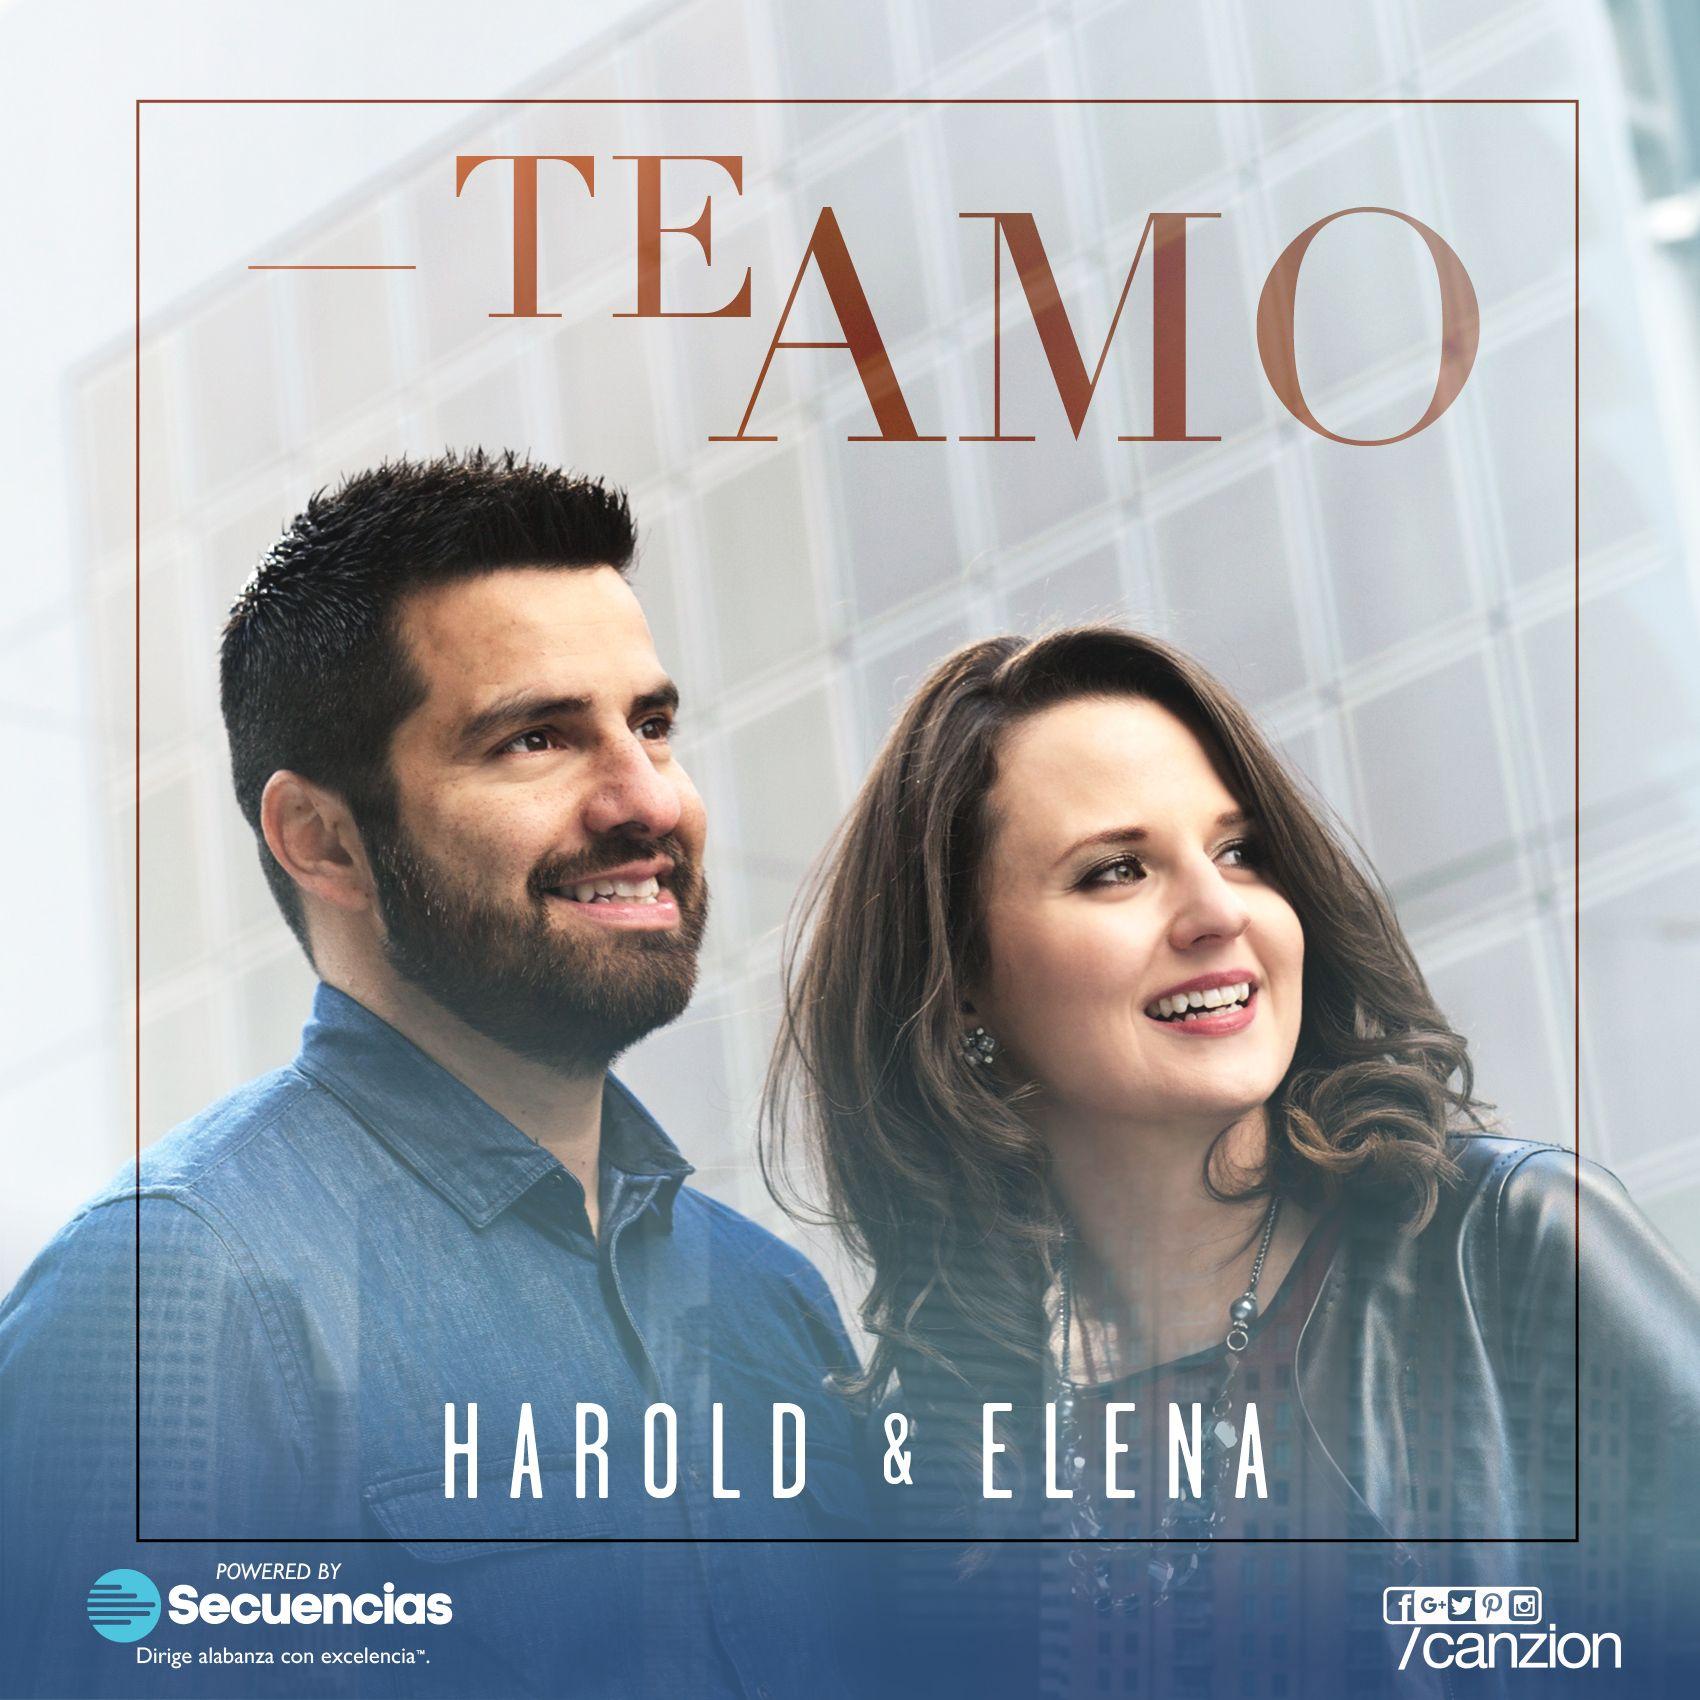 #TeAmo, el nuevo sencillo de Harold Guerra y Elena Witt-Guerra. ¡Ahora disponible en secuencias.com!